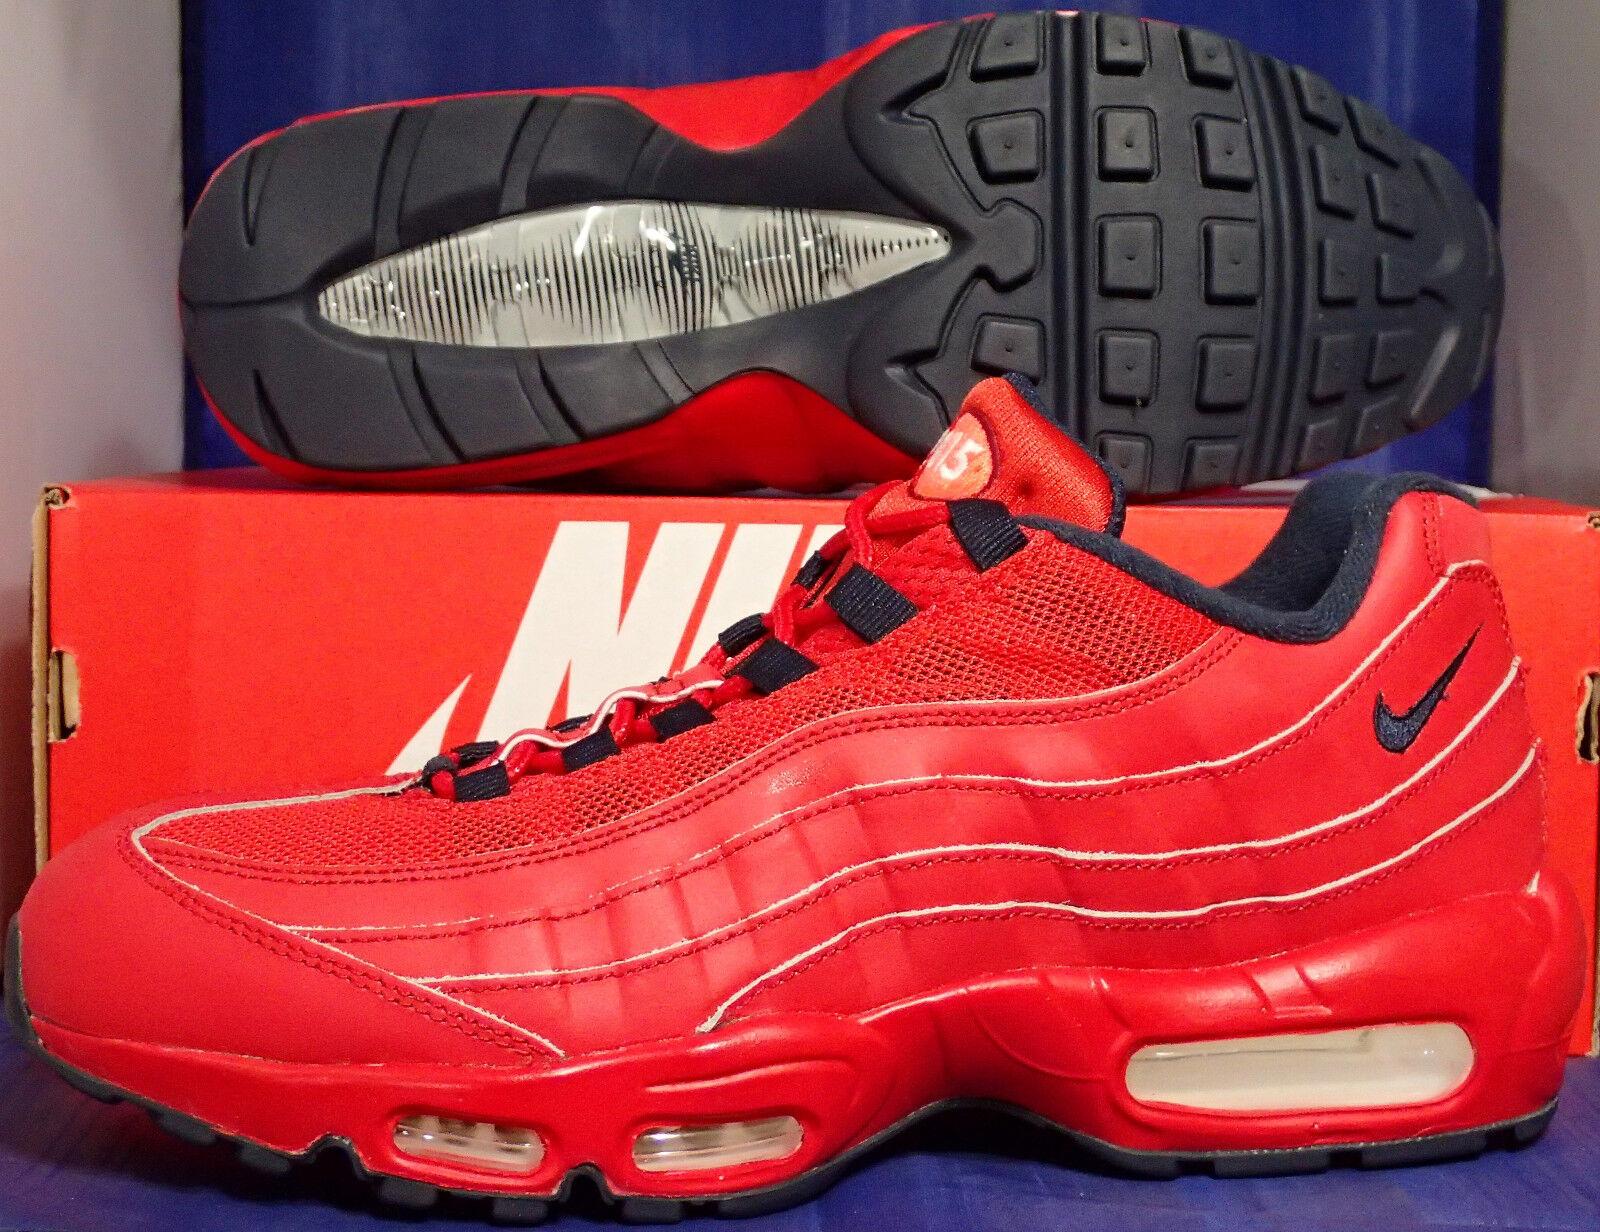 Nike air max 95 usa id rote marine usa 95 sz 10 (818592-992) 7bab91